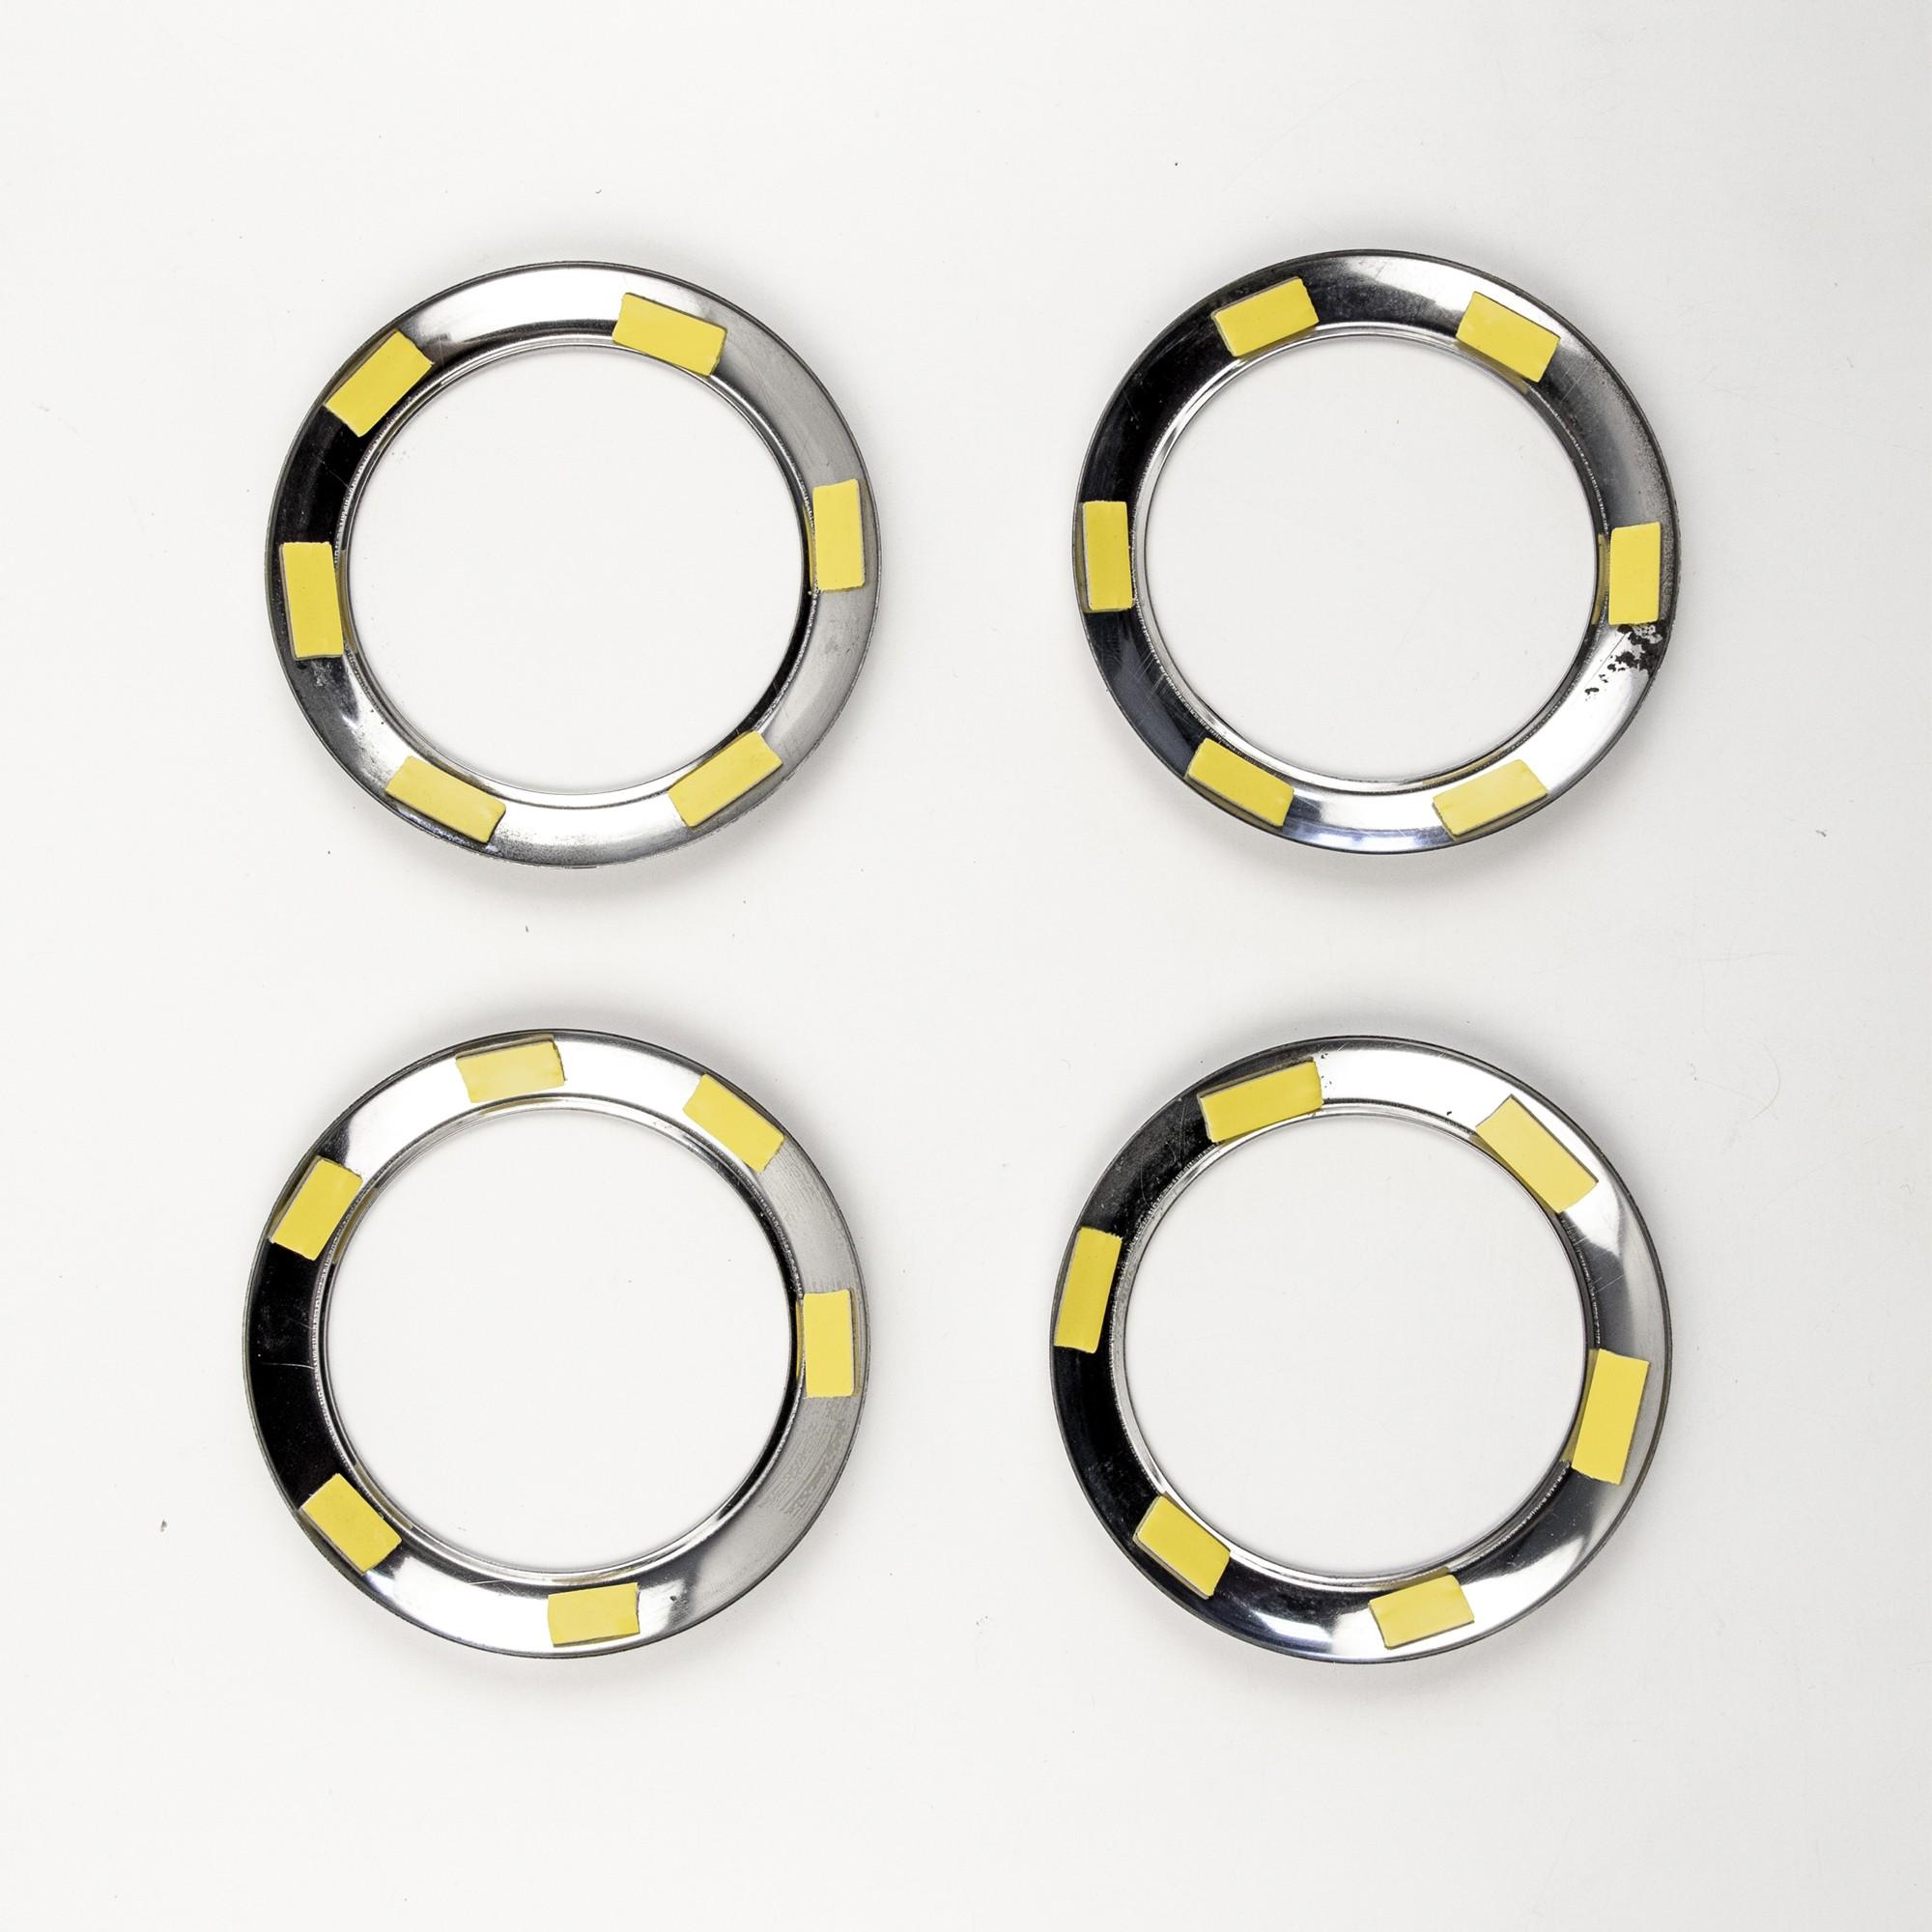 Кольца накладки на дефлекторы для LADA Largus1